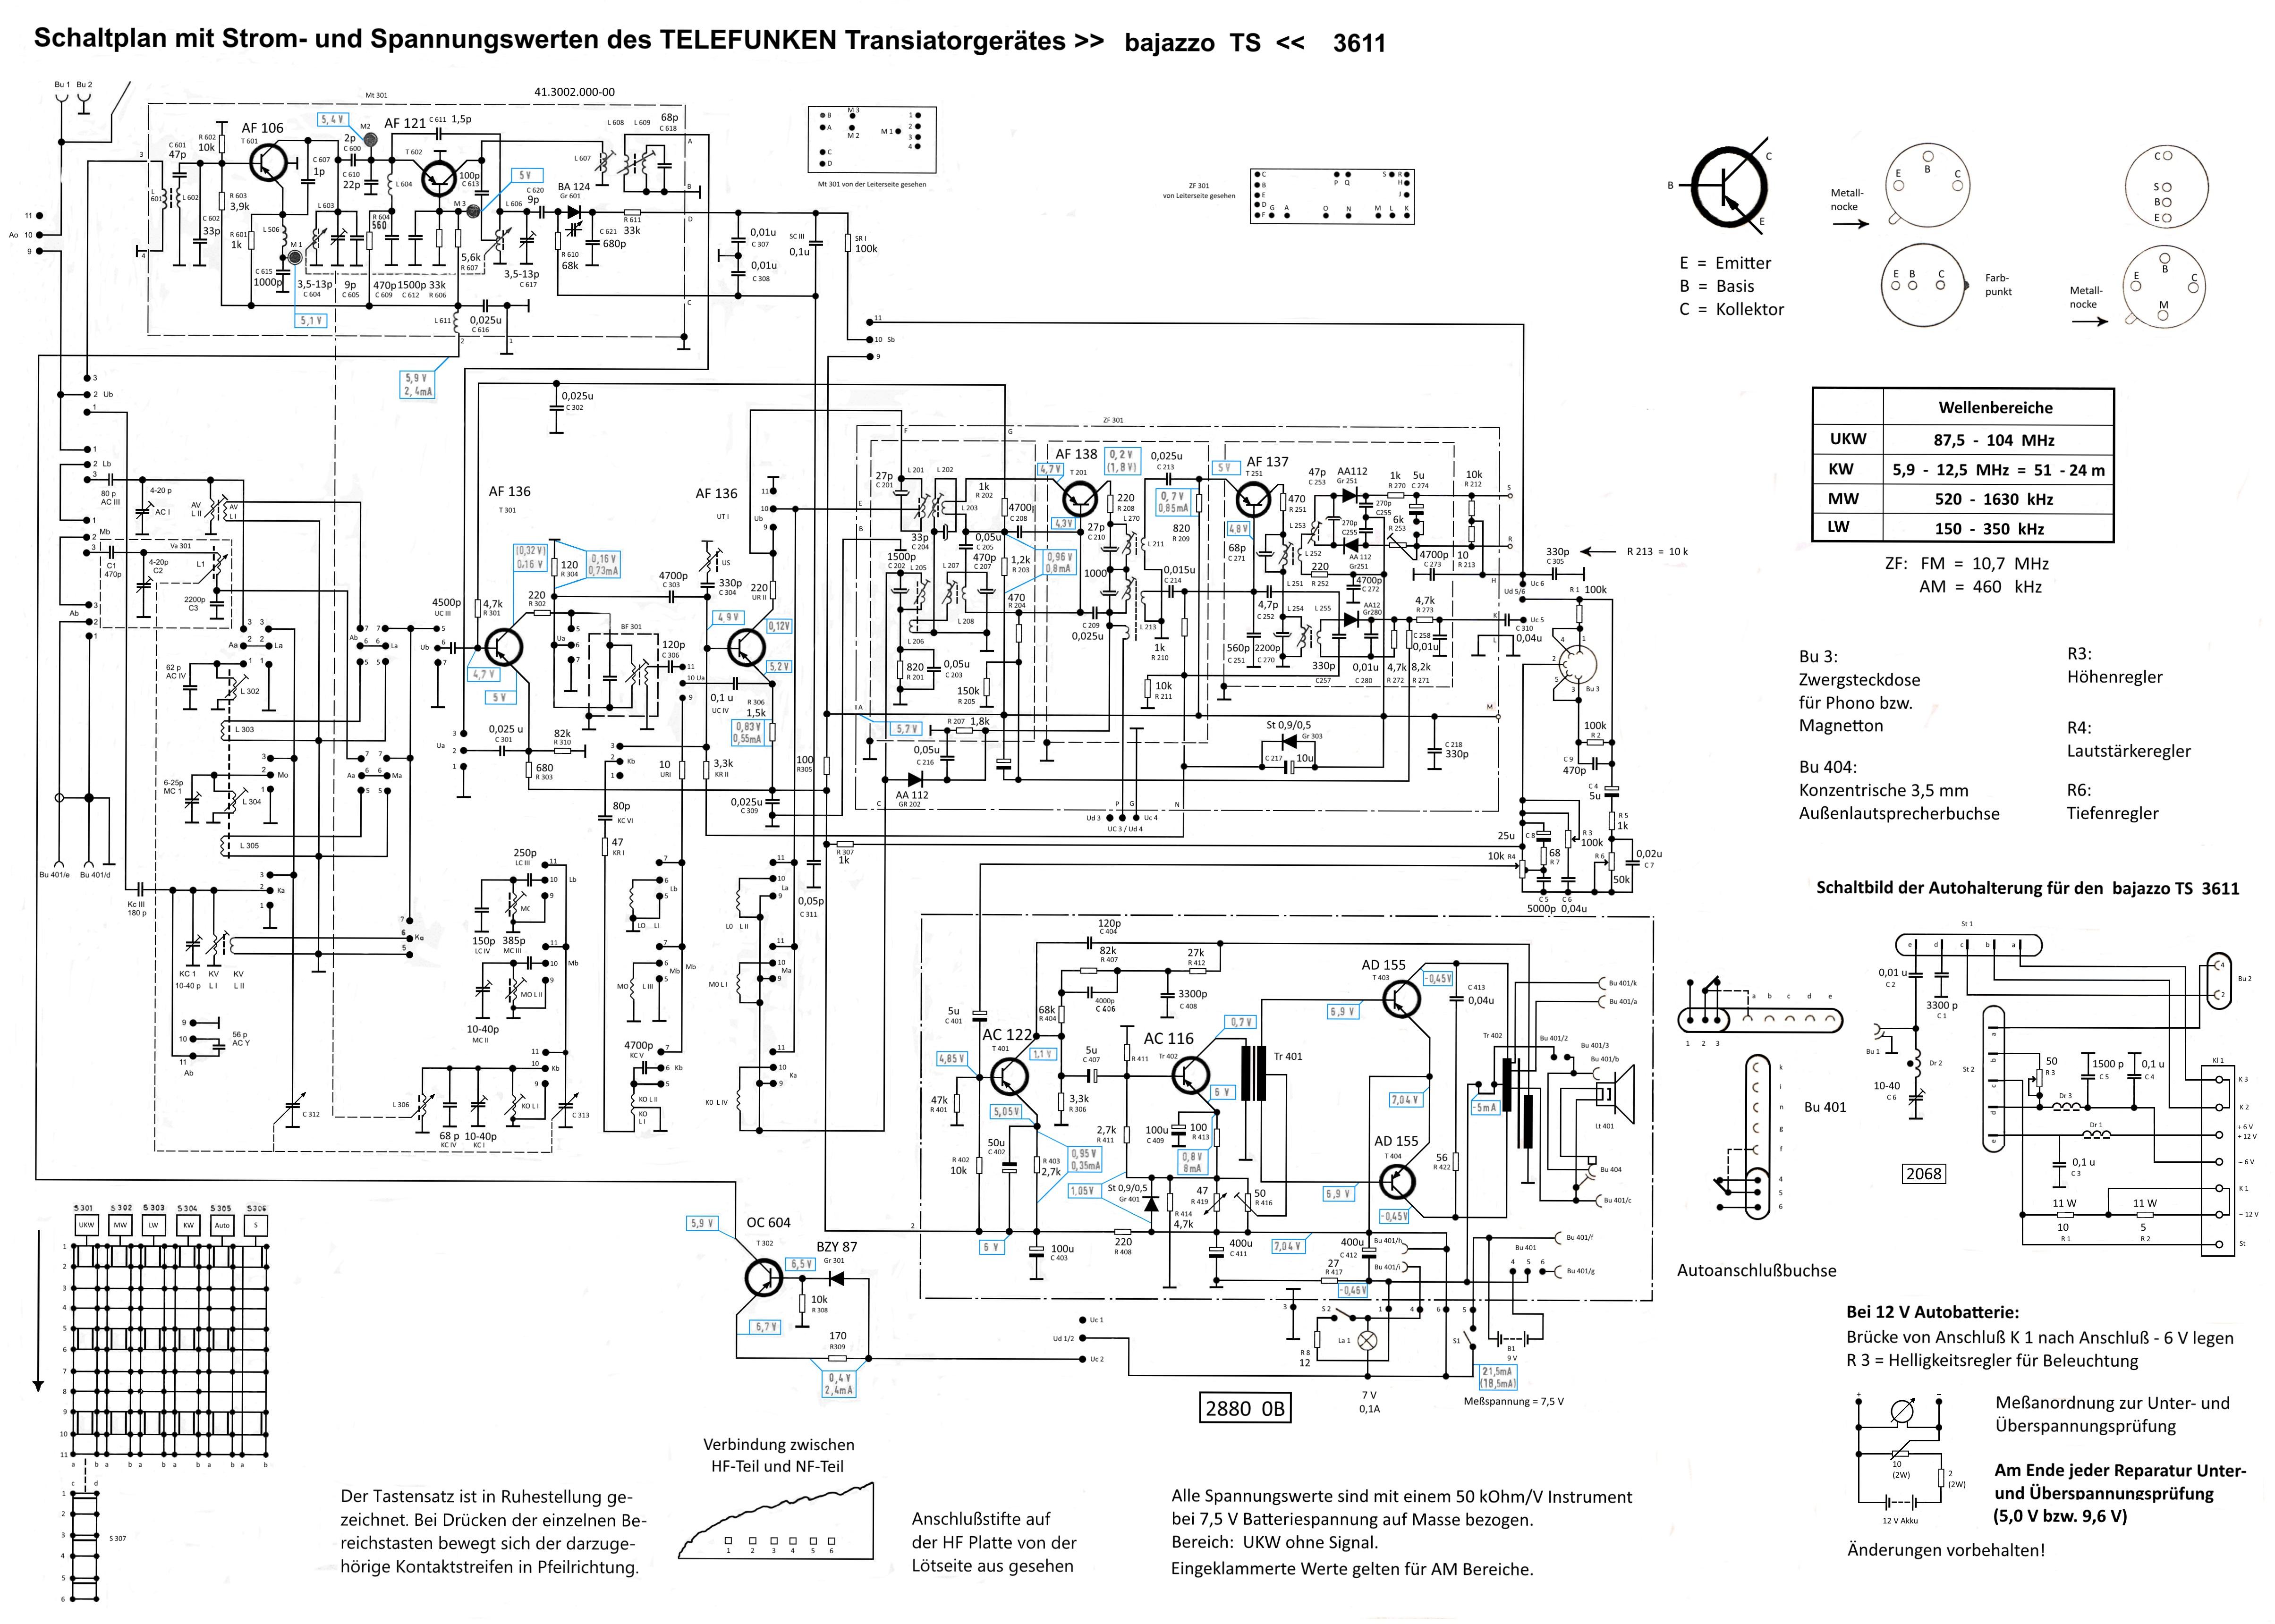 Berühmt Schaltplan Für Die Anhängerzugelektrik Bilder - Schaltplan ...